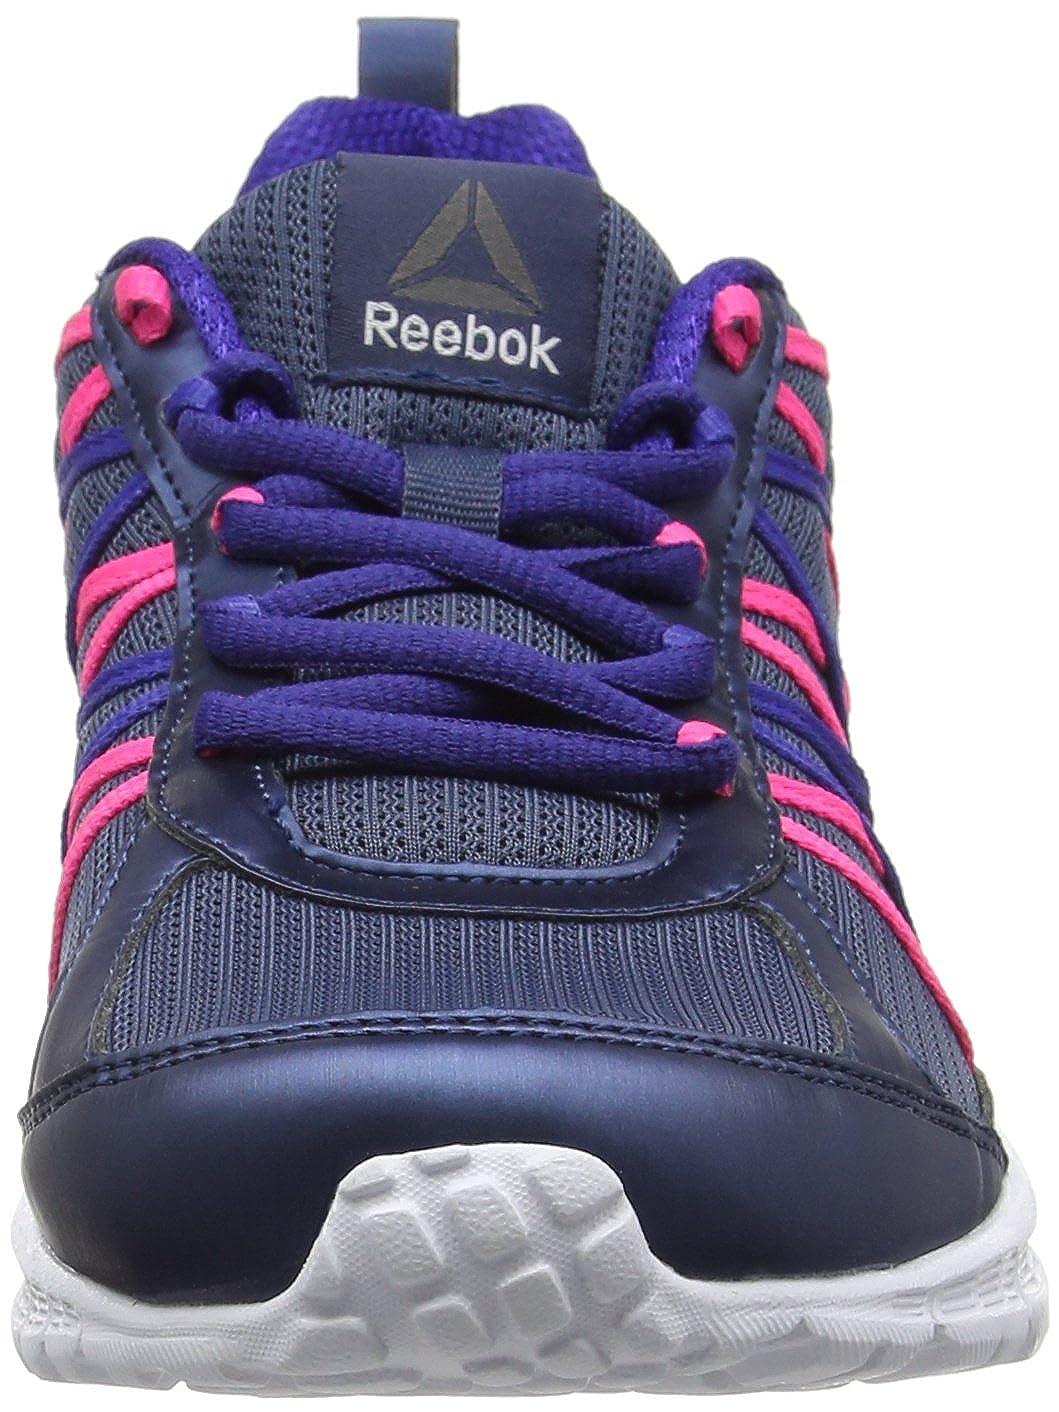 056f793576c922 Reebok Women s Bd5578 Trail Running Shoes  Amazon.co.uk  Shoes   Bags